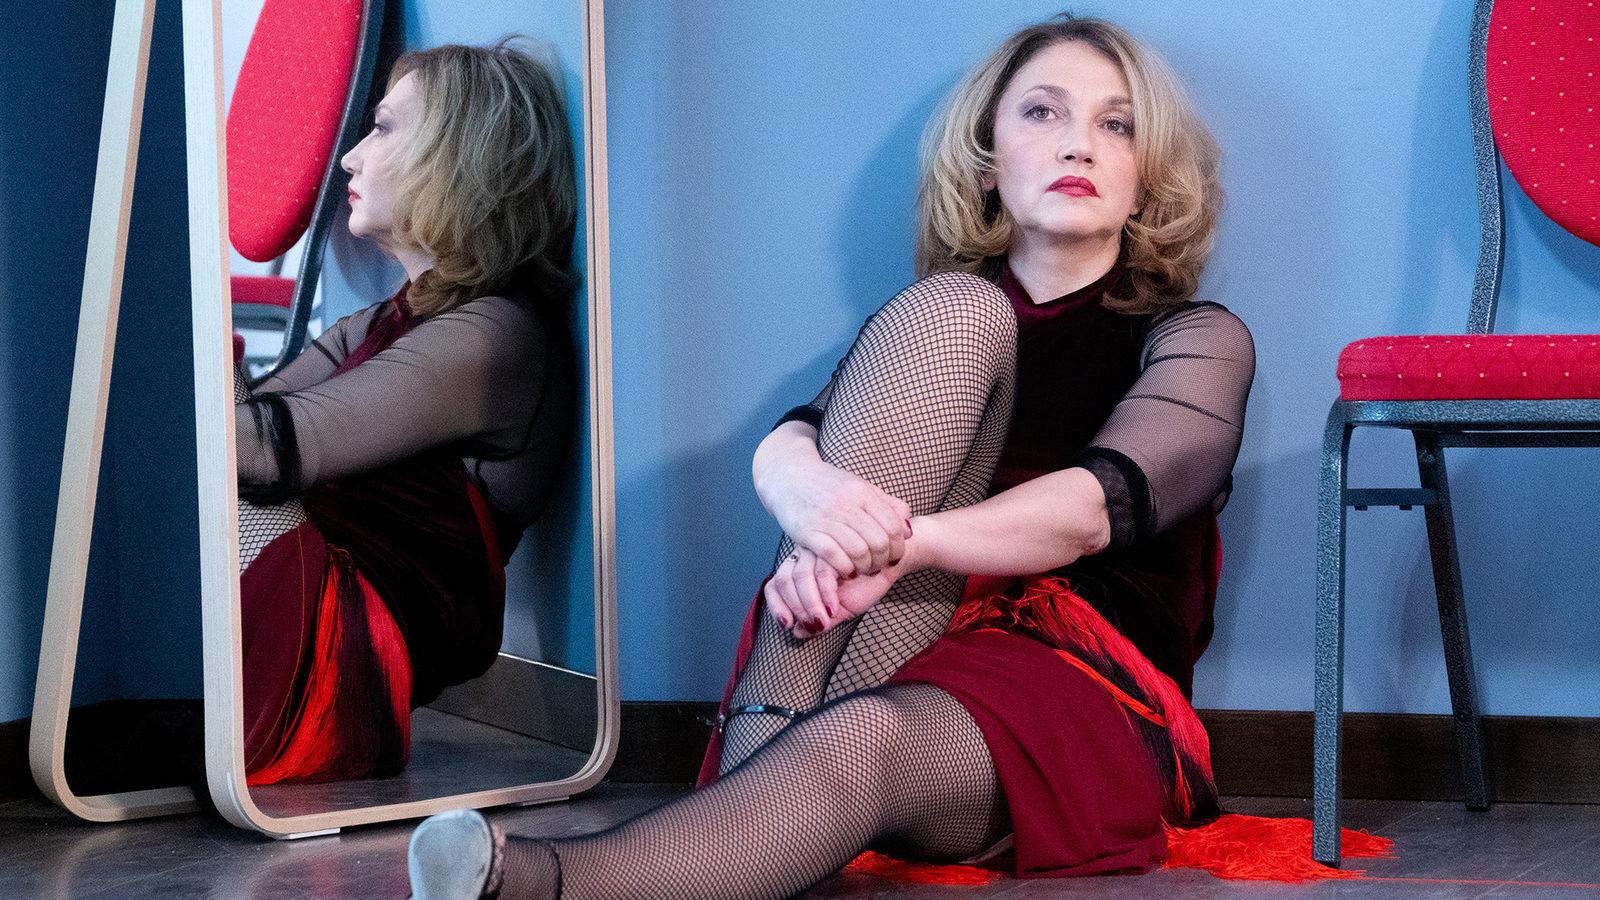 «Трое» Анны Меликян и «Паркет» Александра Миндадзе вошли в конкурс эстонского фестиваля «Темные ночи»